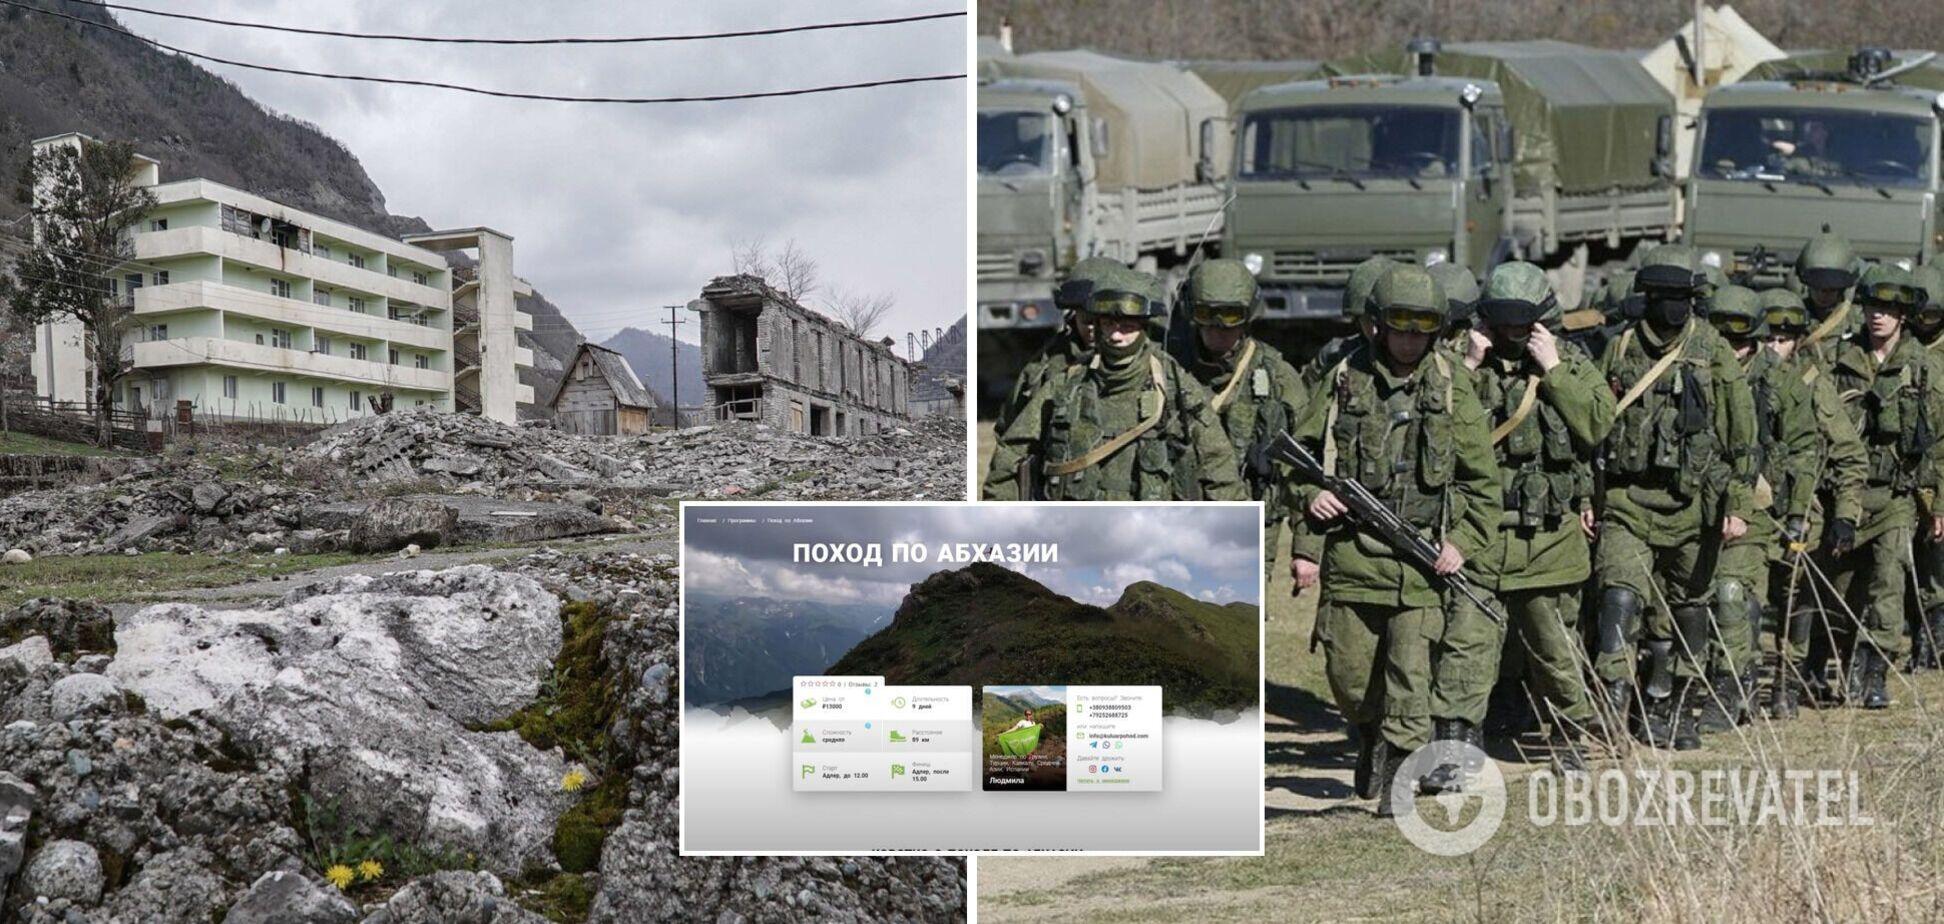 Українська компанія возить тури на окуповані території і погодилася працювати з військовими РФ. Фото та відео